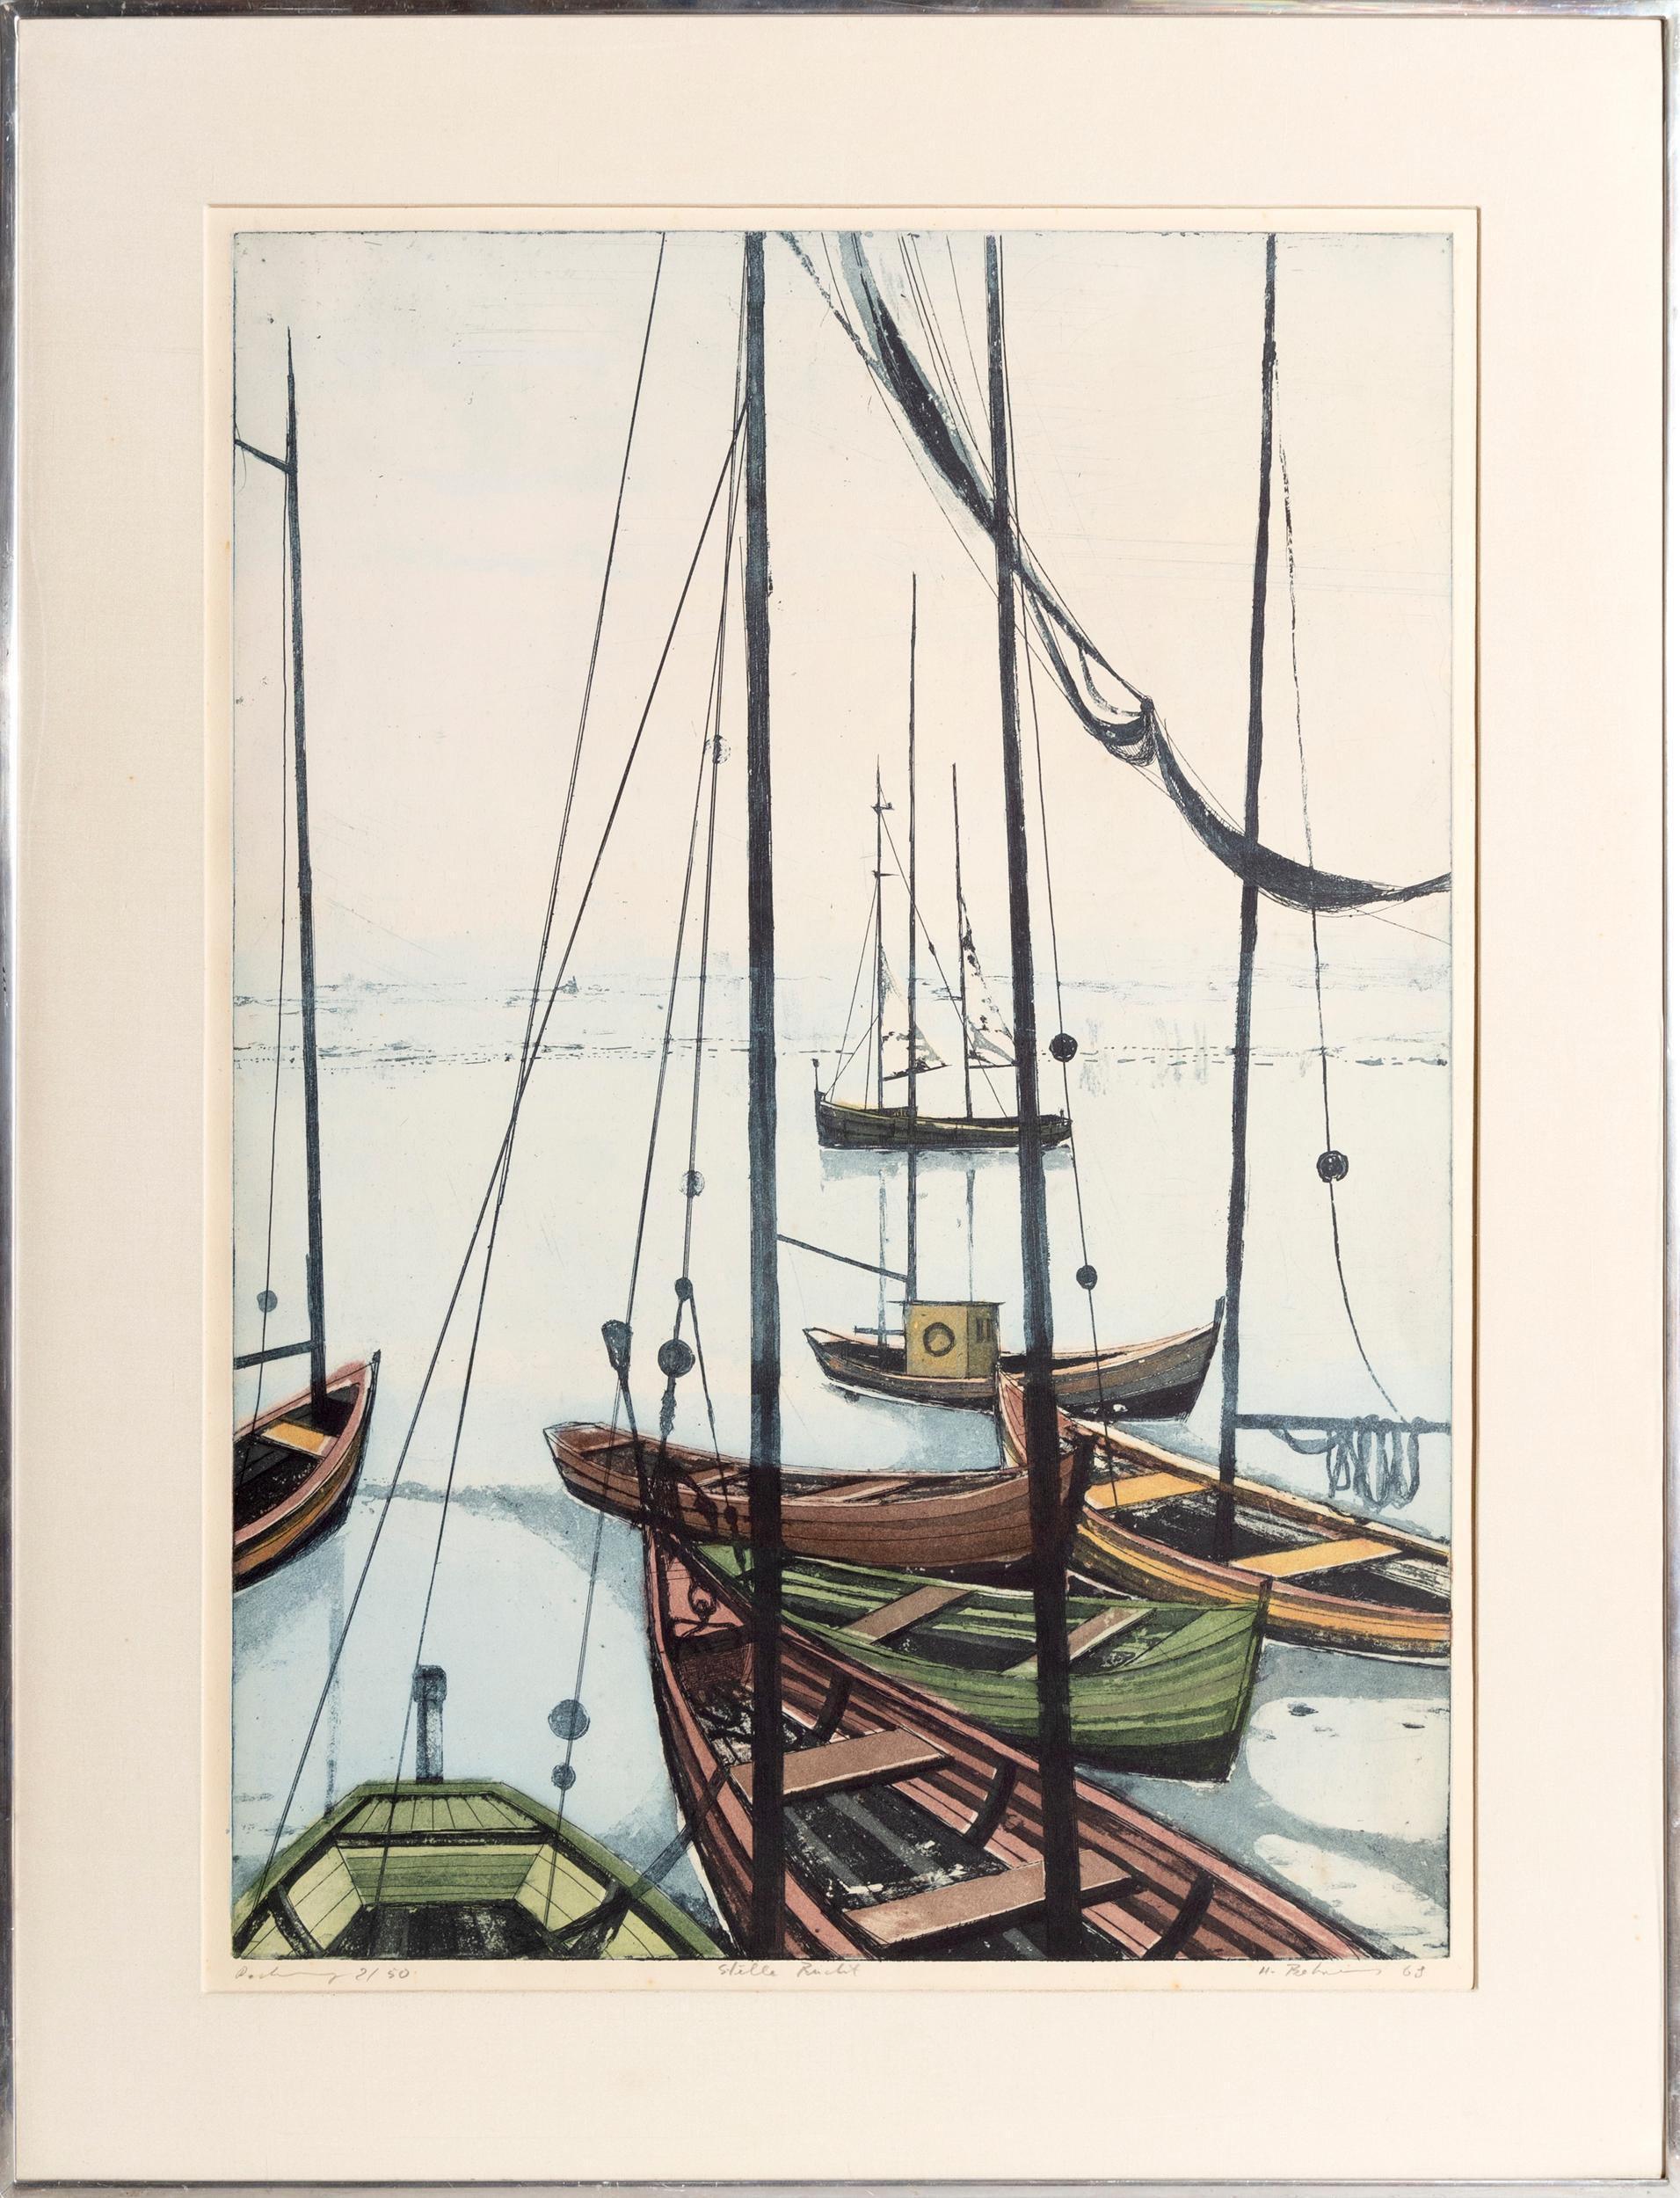 Hans Behrens, A Quiet Marina, Aquatint Etching